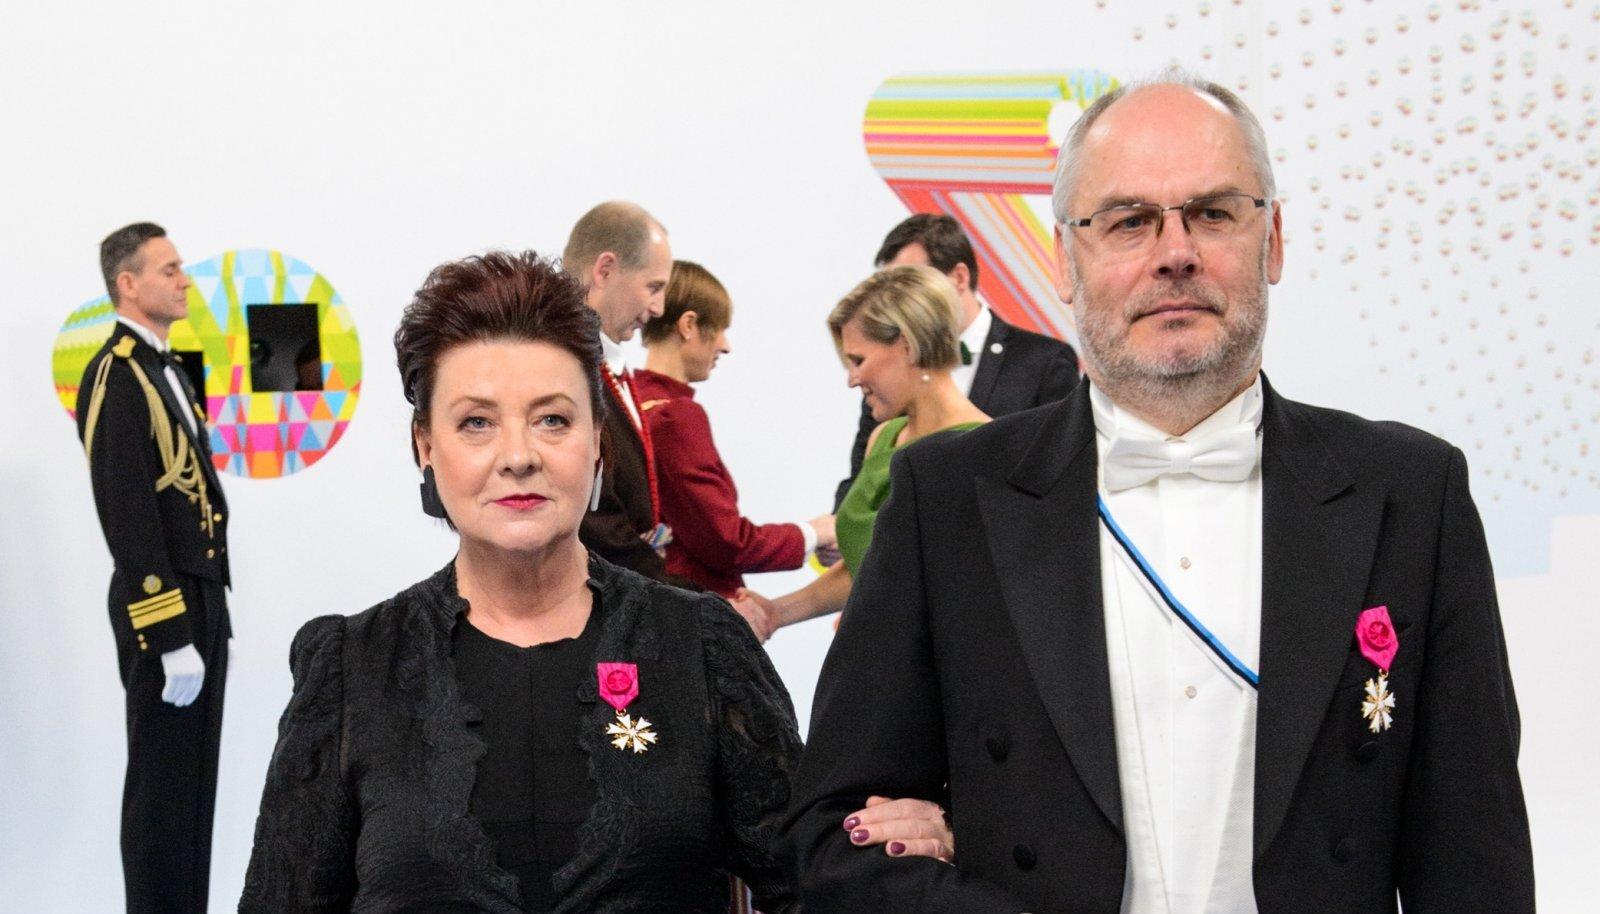 TULEVANE ESIPAAR Sirje ja Alar Karis presidendi vastuvõtul 2018. aastal. 11. oktoobril astub Alar Karis presidendi ametisse. Tema abikaasa Sirje on Tartu Linnamuuseumi direktor.